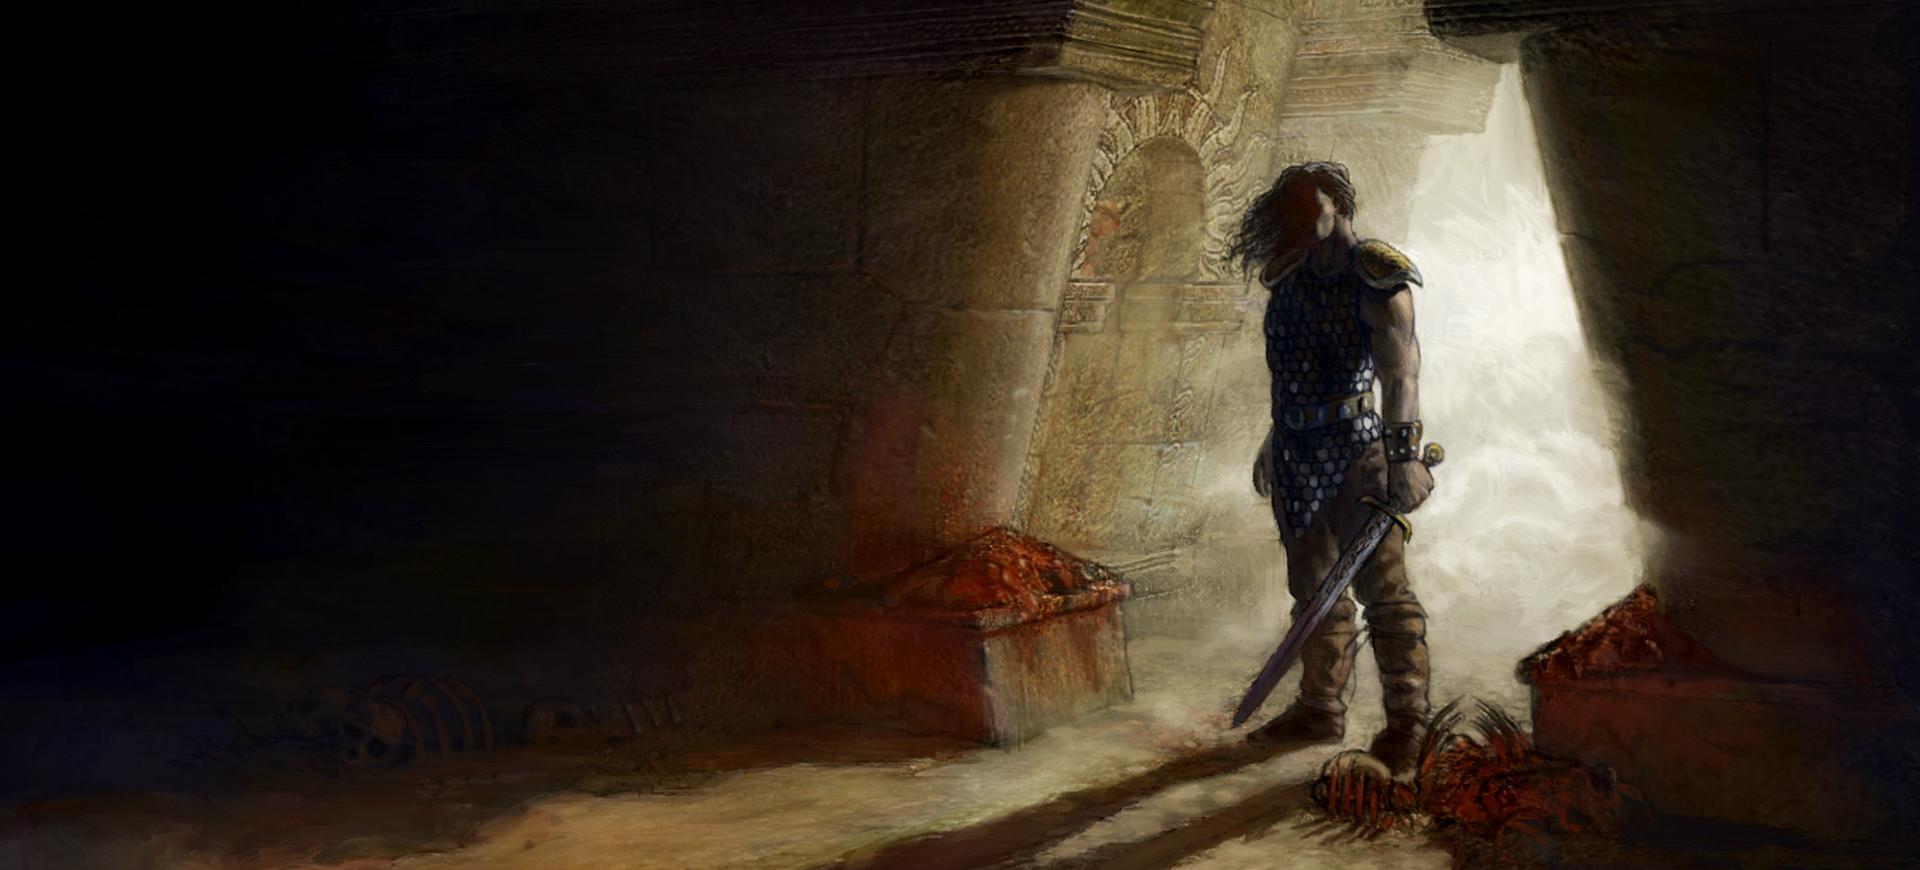 Arx Fatalis: el nacimiento de una dinastía